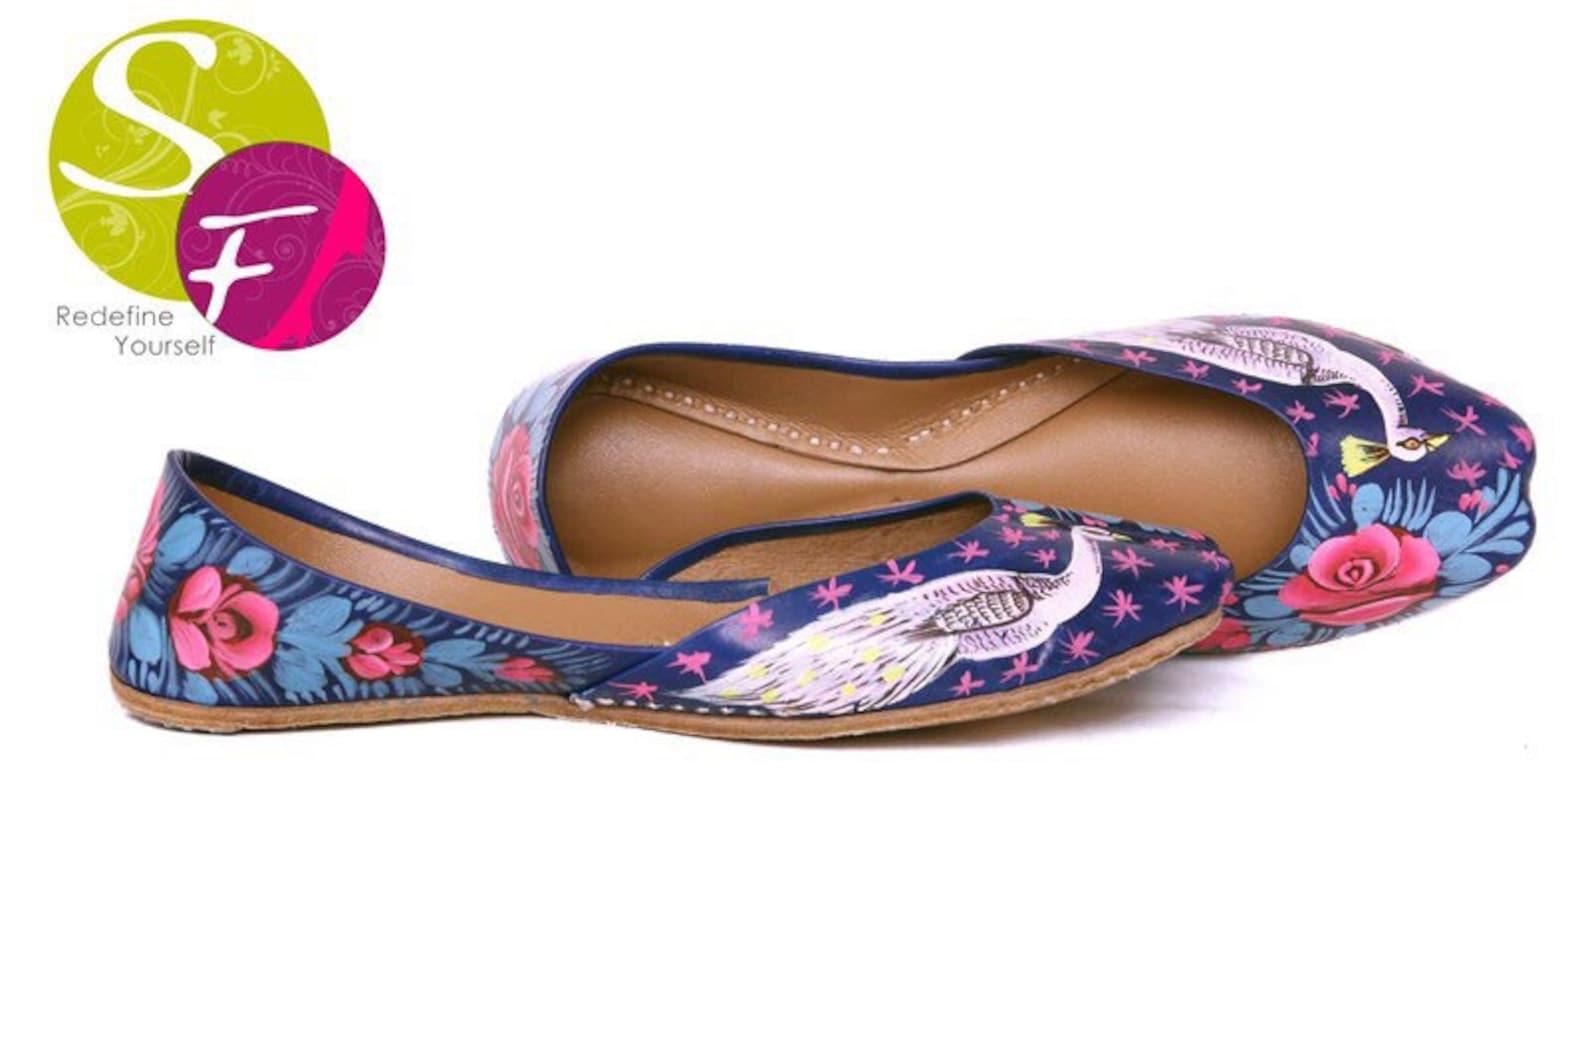 blue handpainted women flat shoes ballet flats handpainted khussa juti ethnic painted shoes handpainted mojari indian juttis